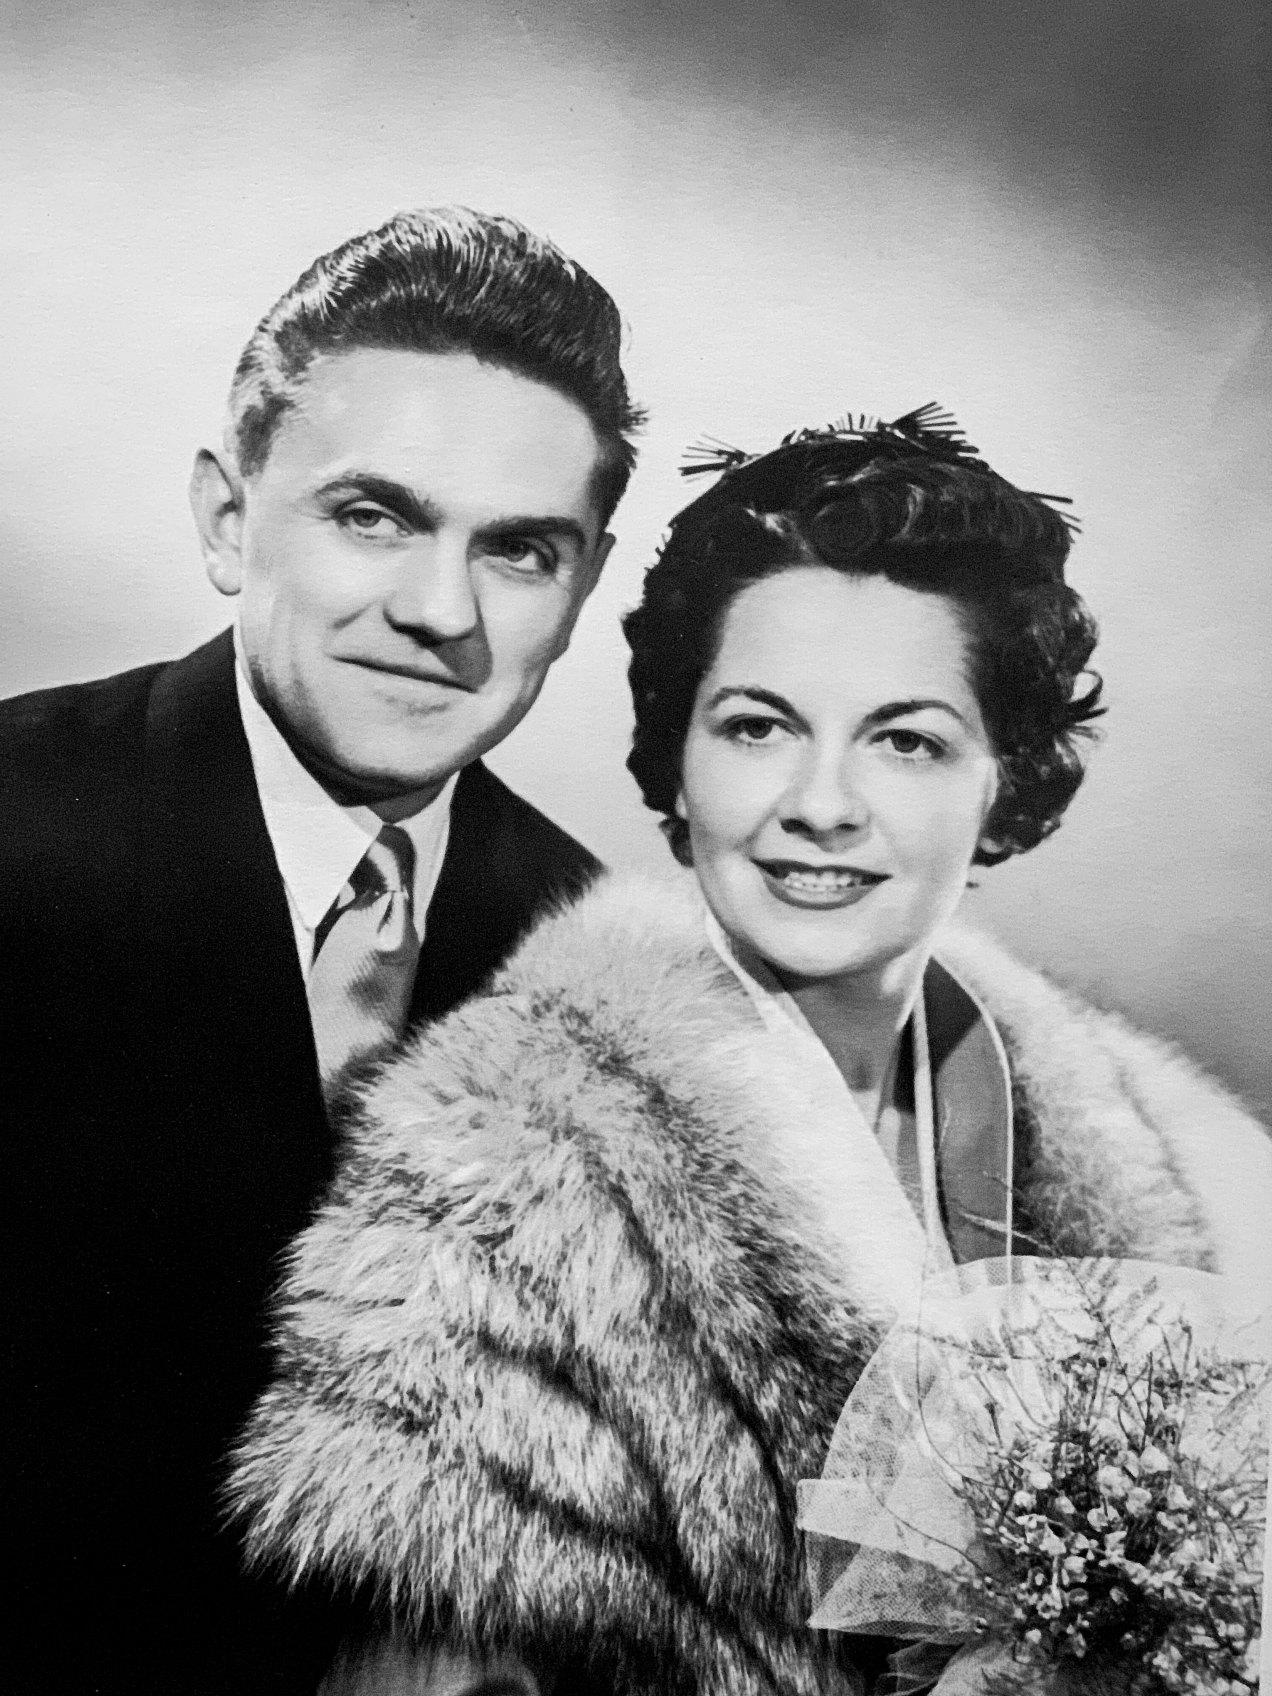 Mariage Maman et Papa, Bordeaux, 1954